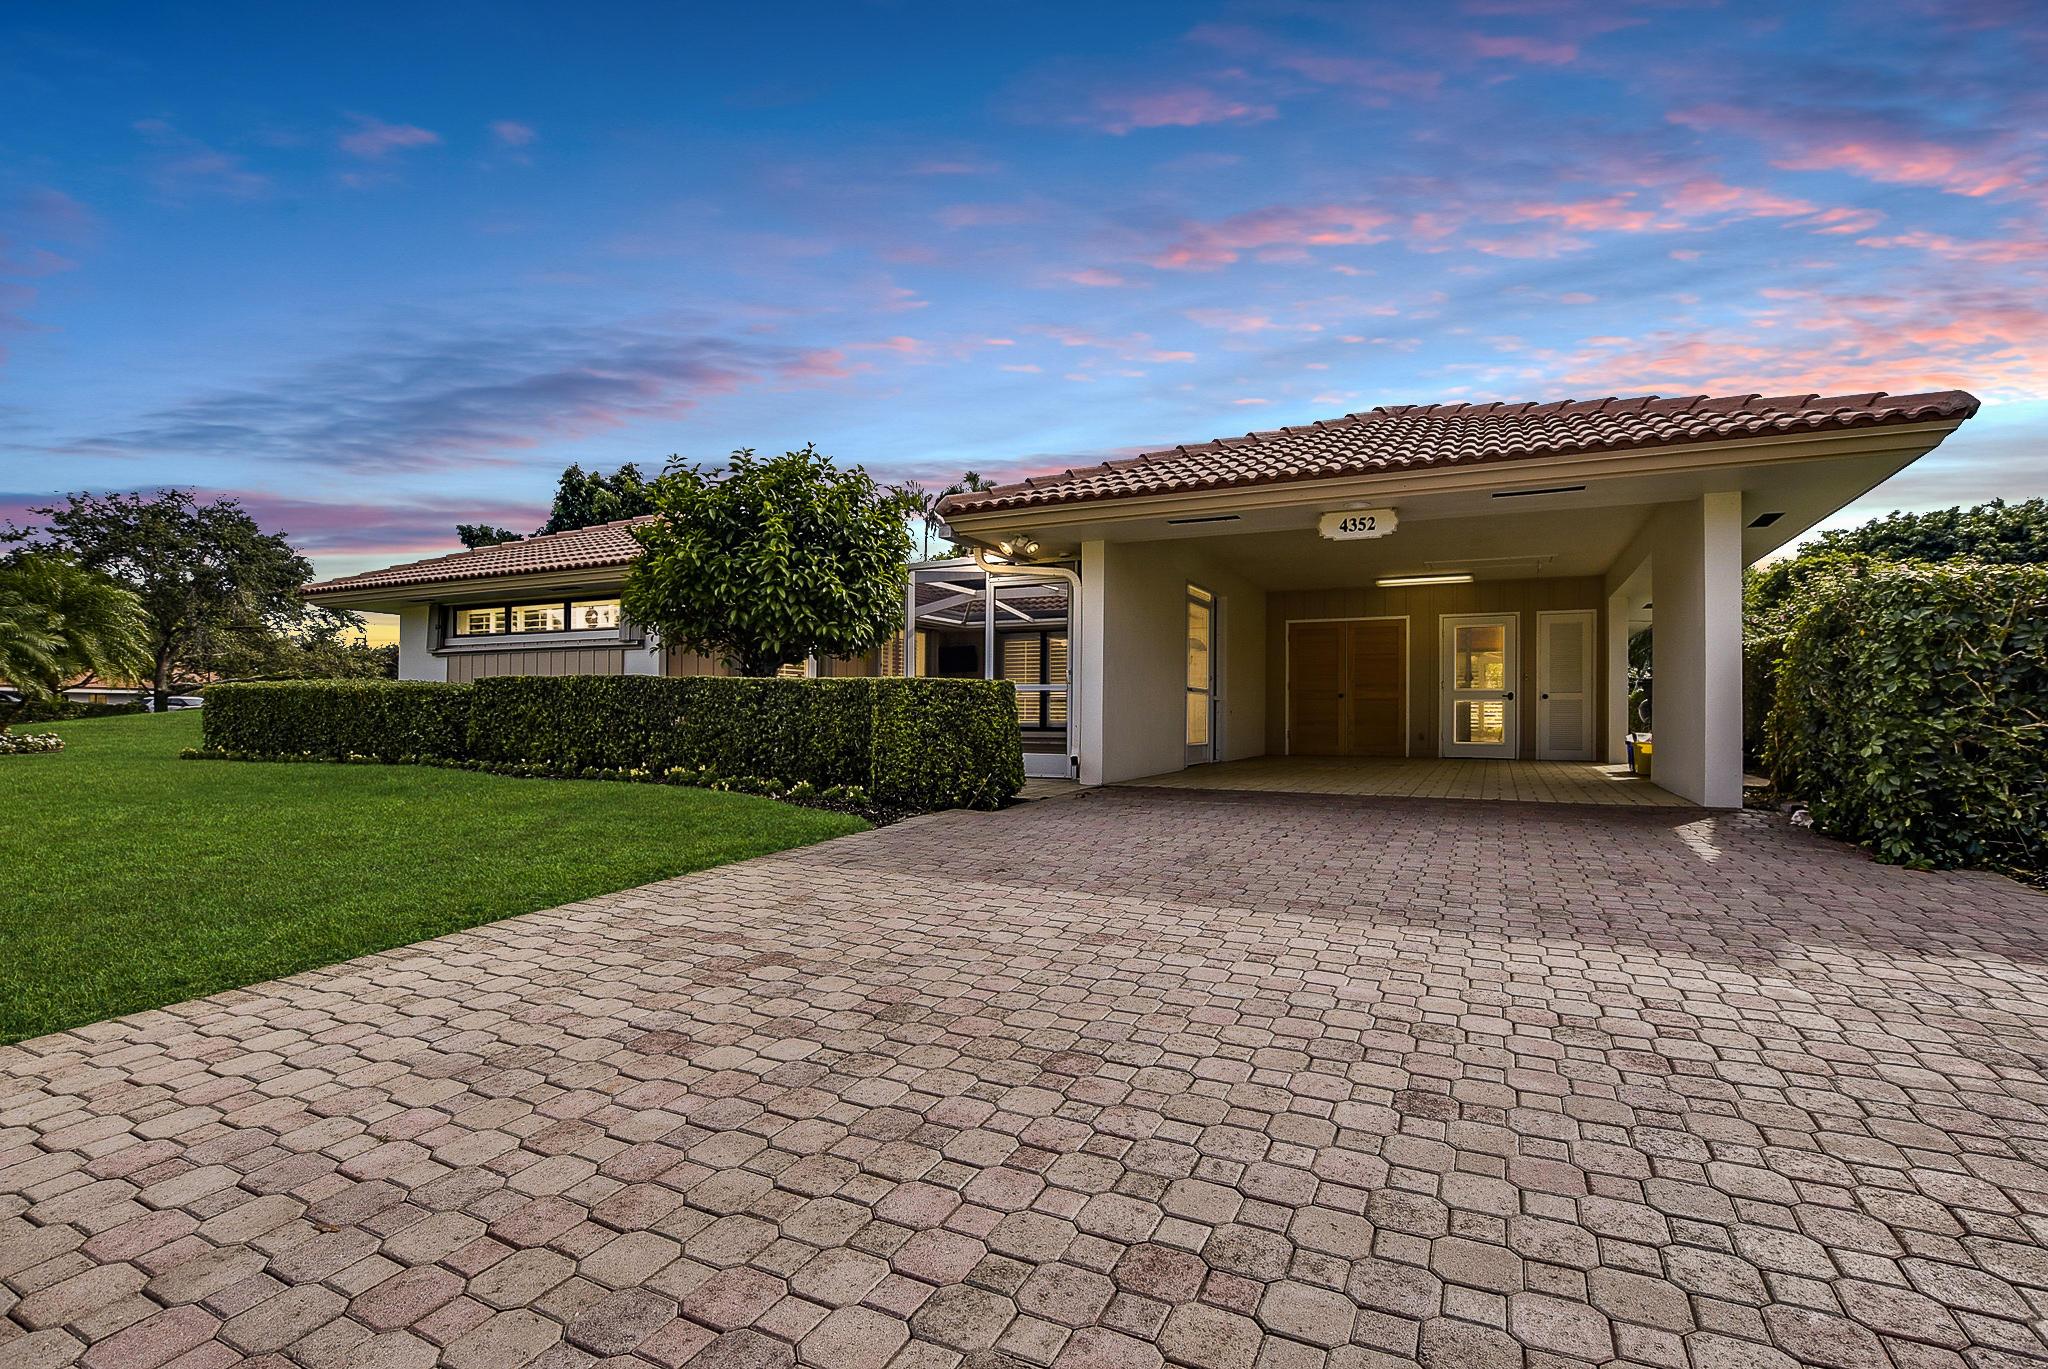 Home for sale in Waxwing Boynton Beach Florida